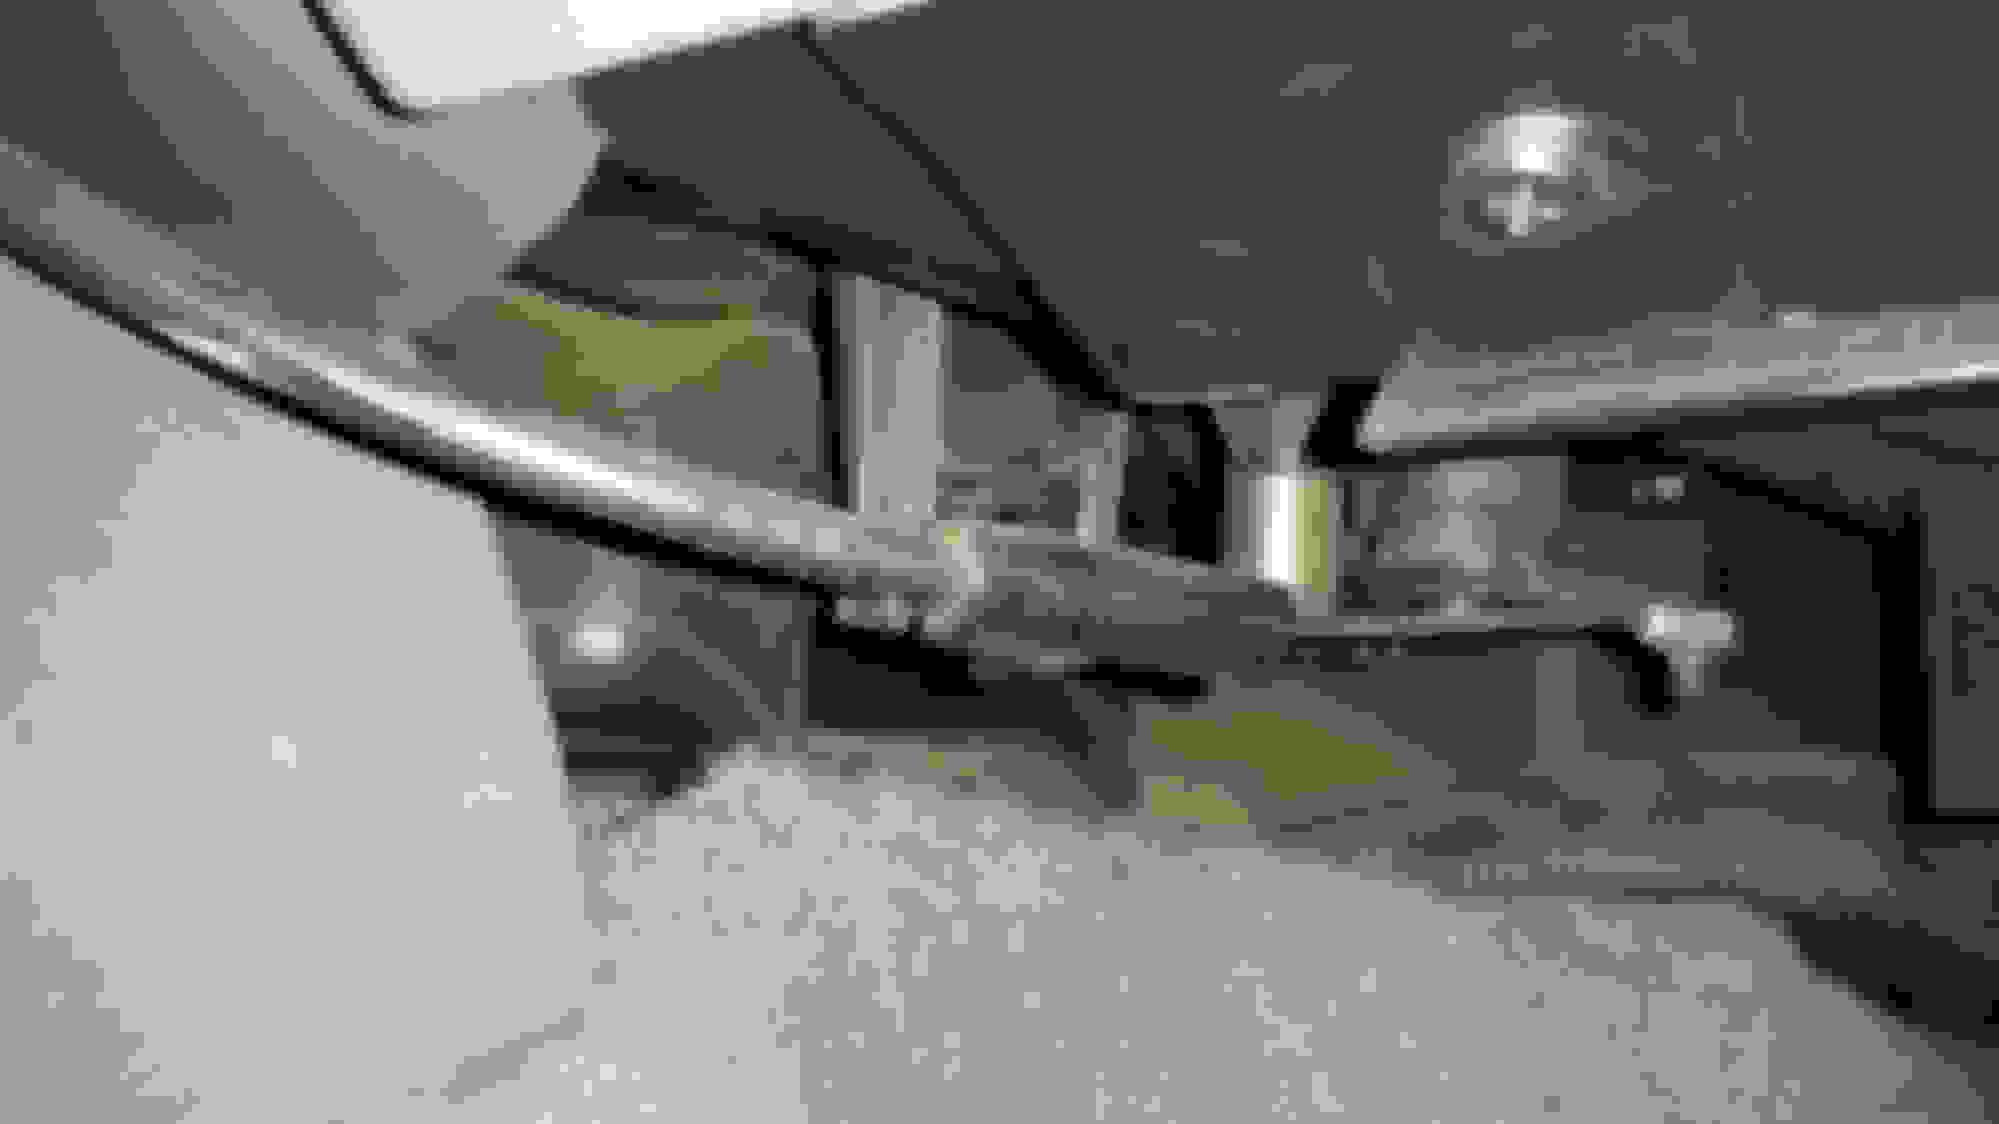 Easy Fix for Xj 98 Blend Door Failure - Jeep Cherokee Forum